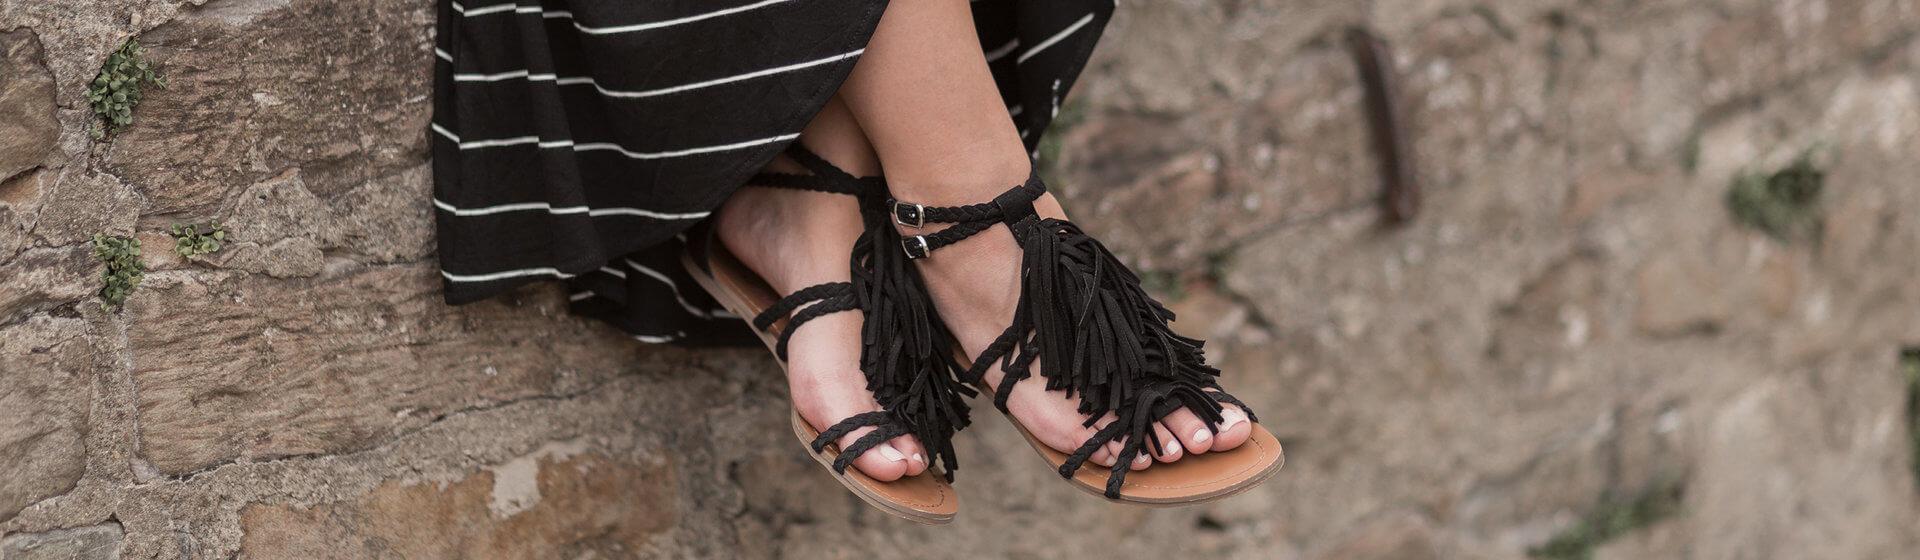 Flache Sandalen für den Sommer, Sandalen Trends, Shoelove by Deichmann